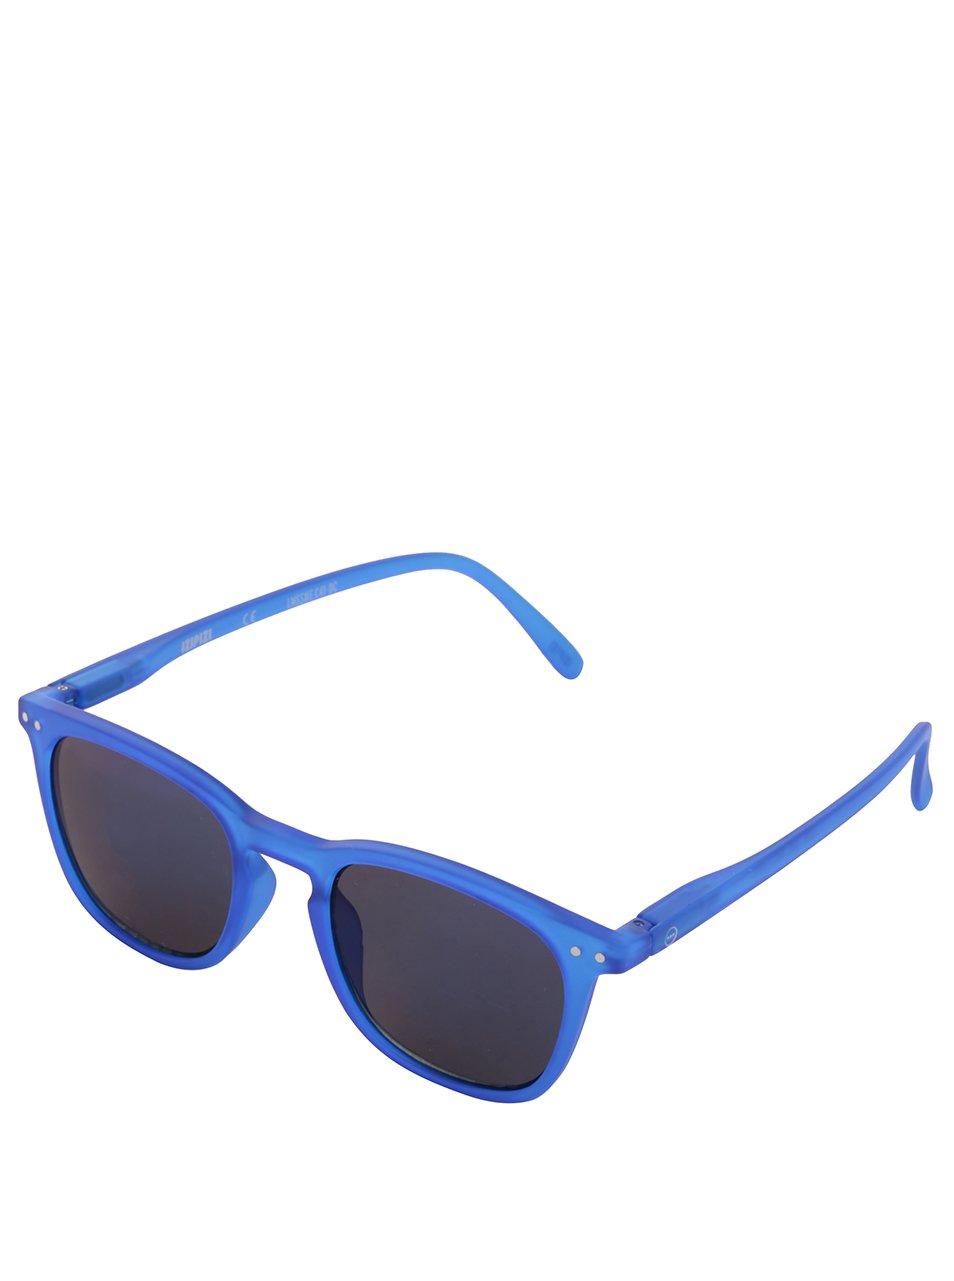 Modré sluneční brýle s černomodrými skly IZIPIZI #E